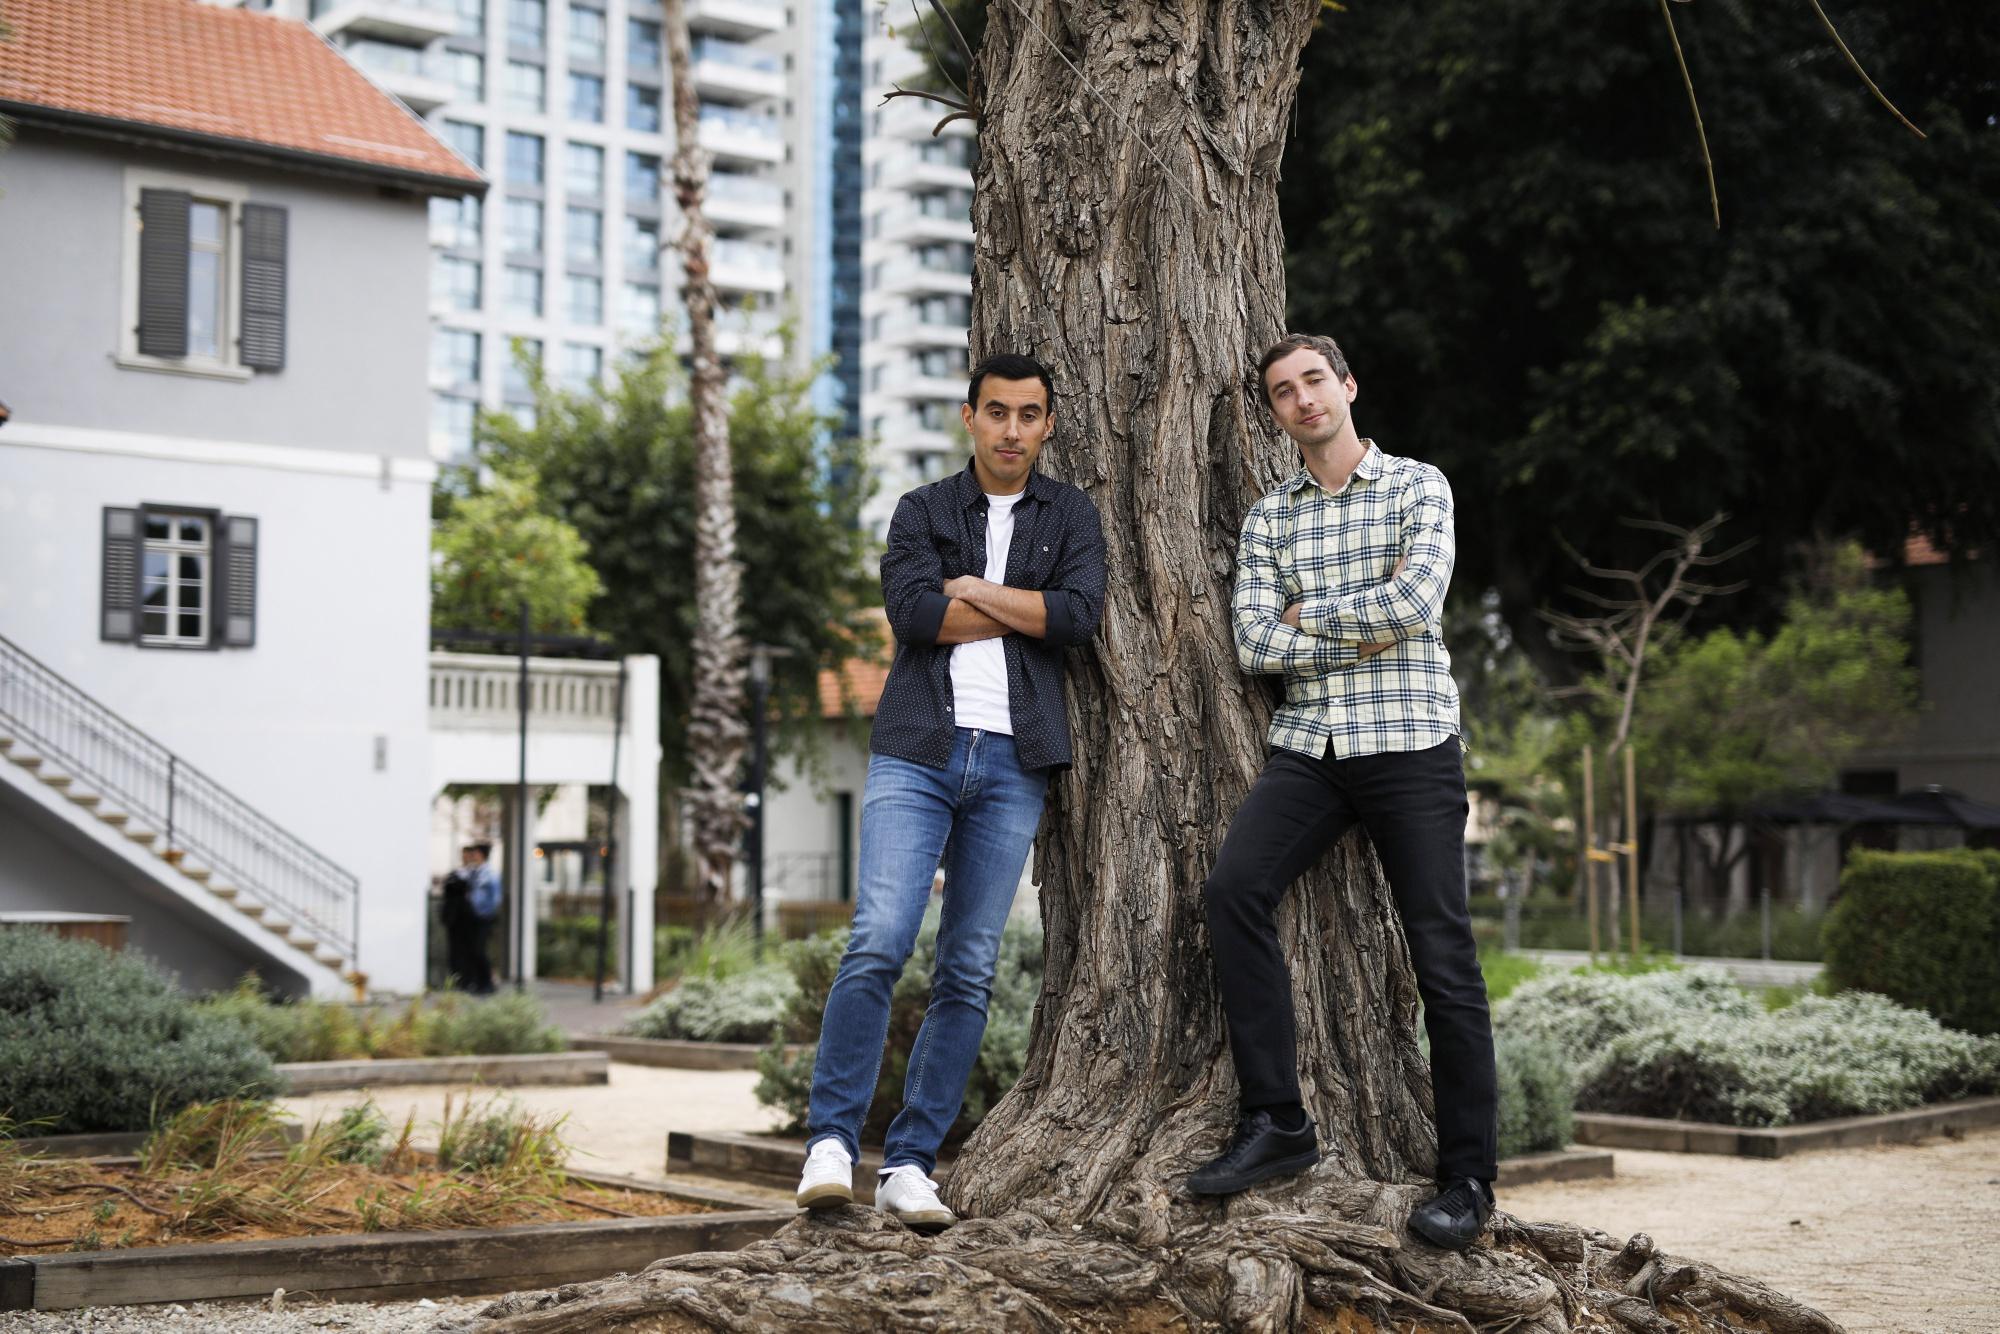 Братья из Вологды создали две популярные игры и стали миллиардерами